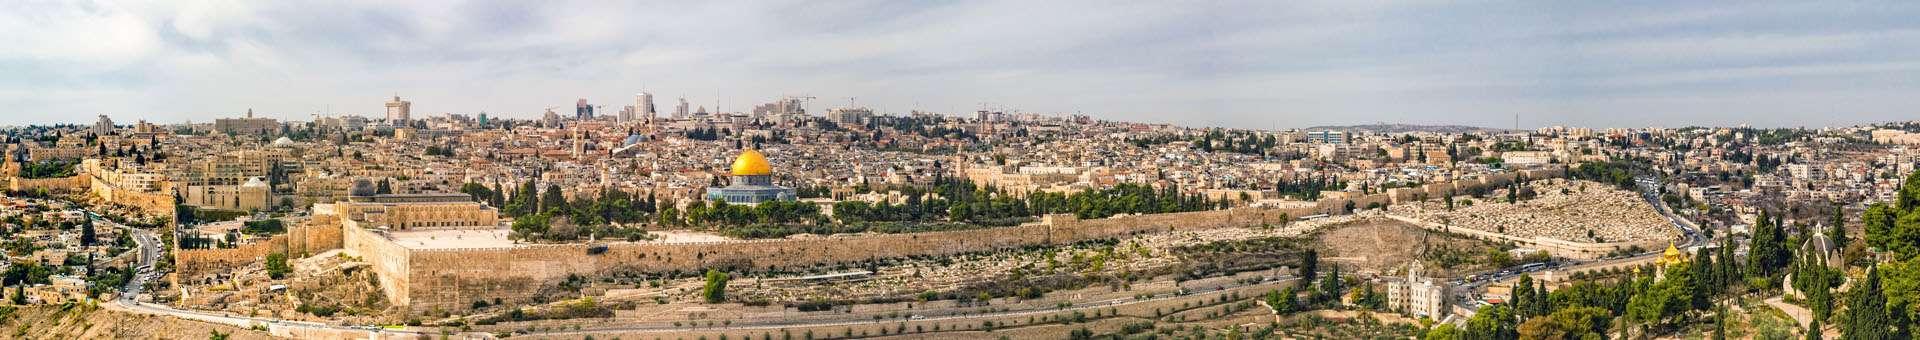 Rechercher des informations WHOIS sur les noms de domaine en Palestine